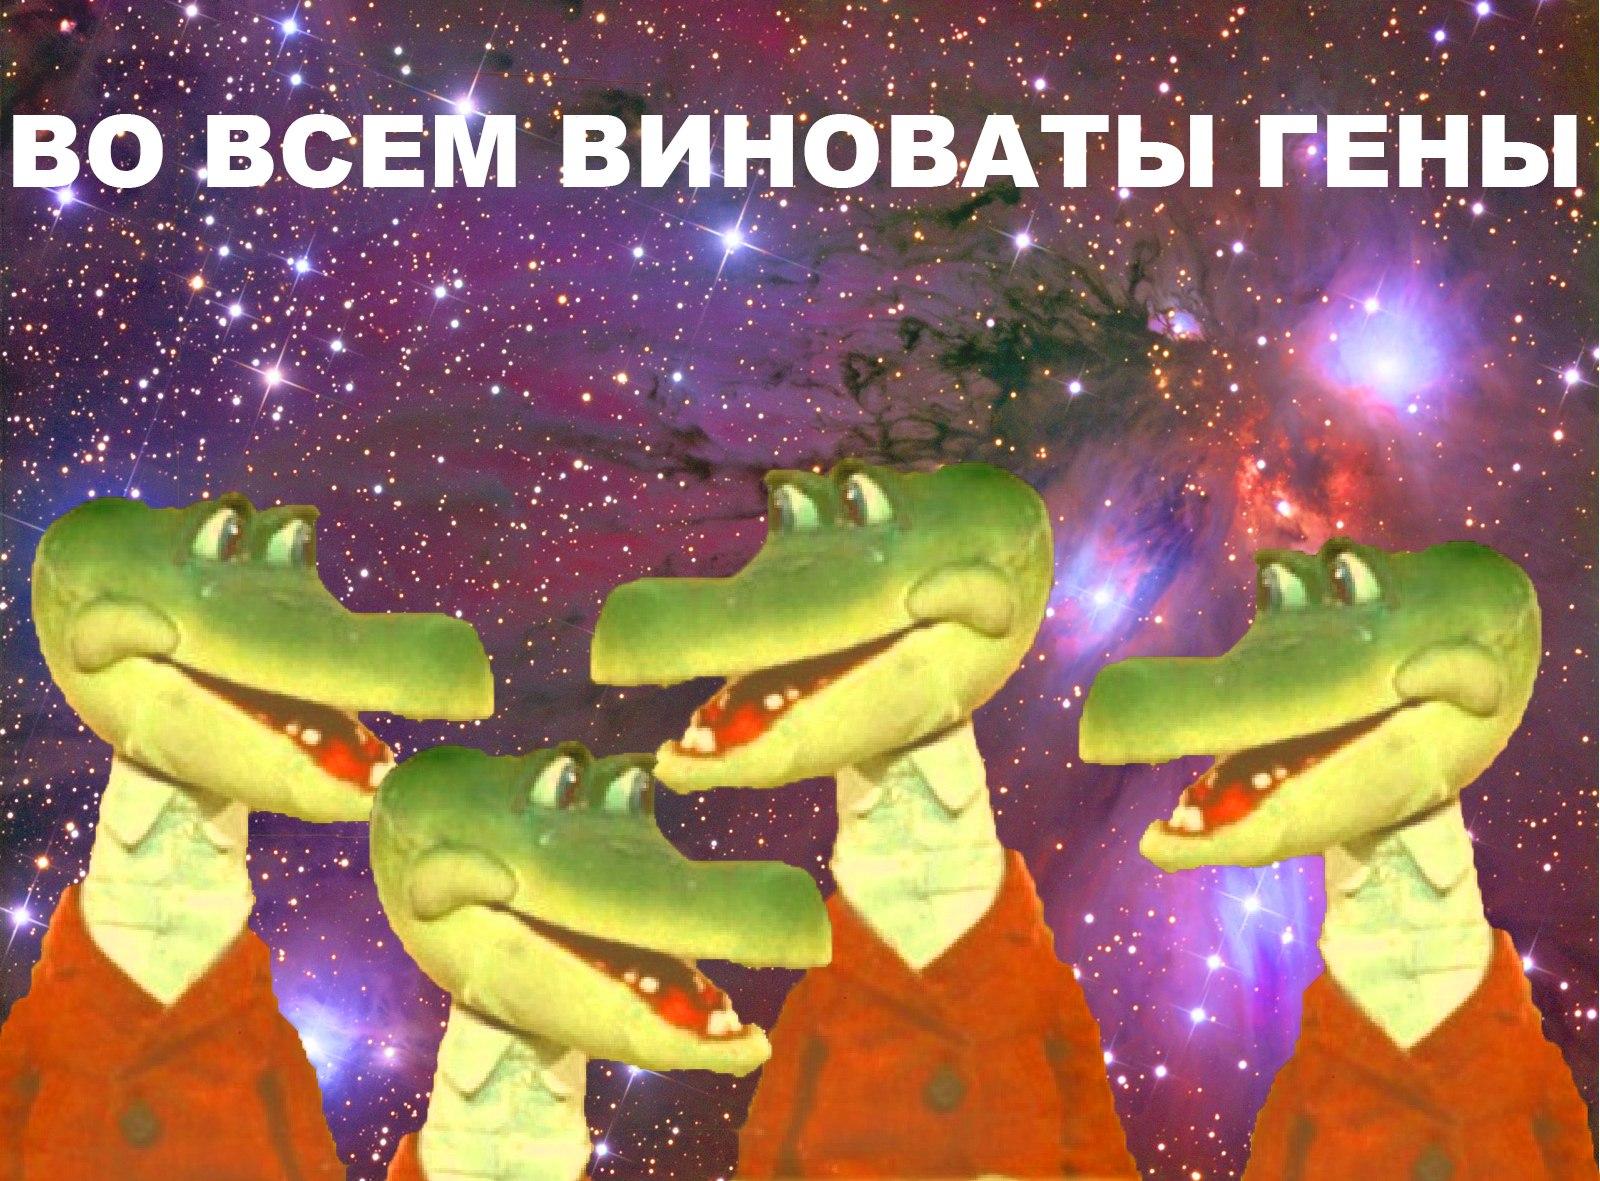 Пользователь добавил изображение